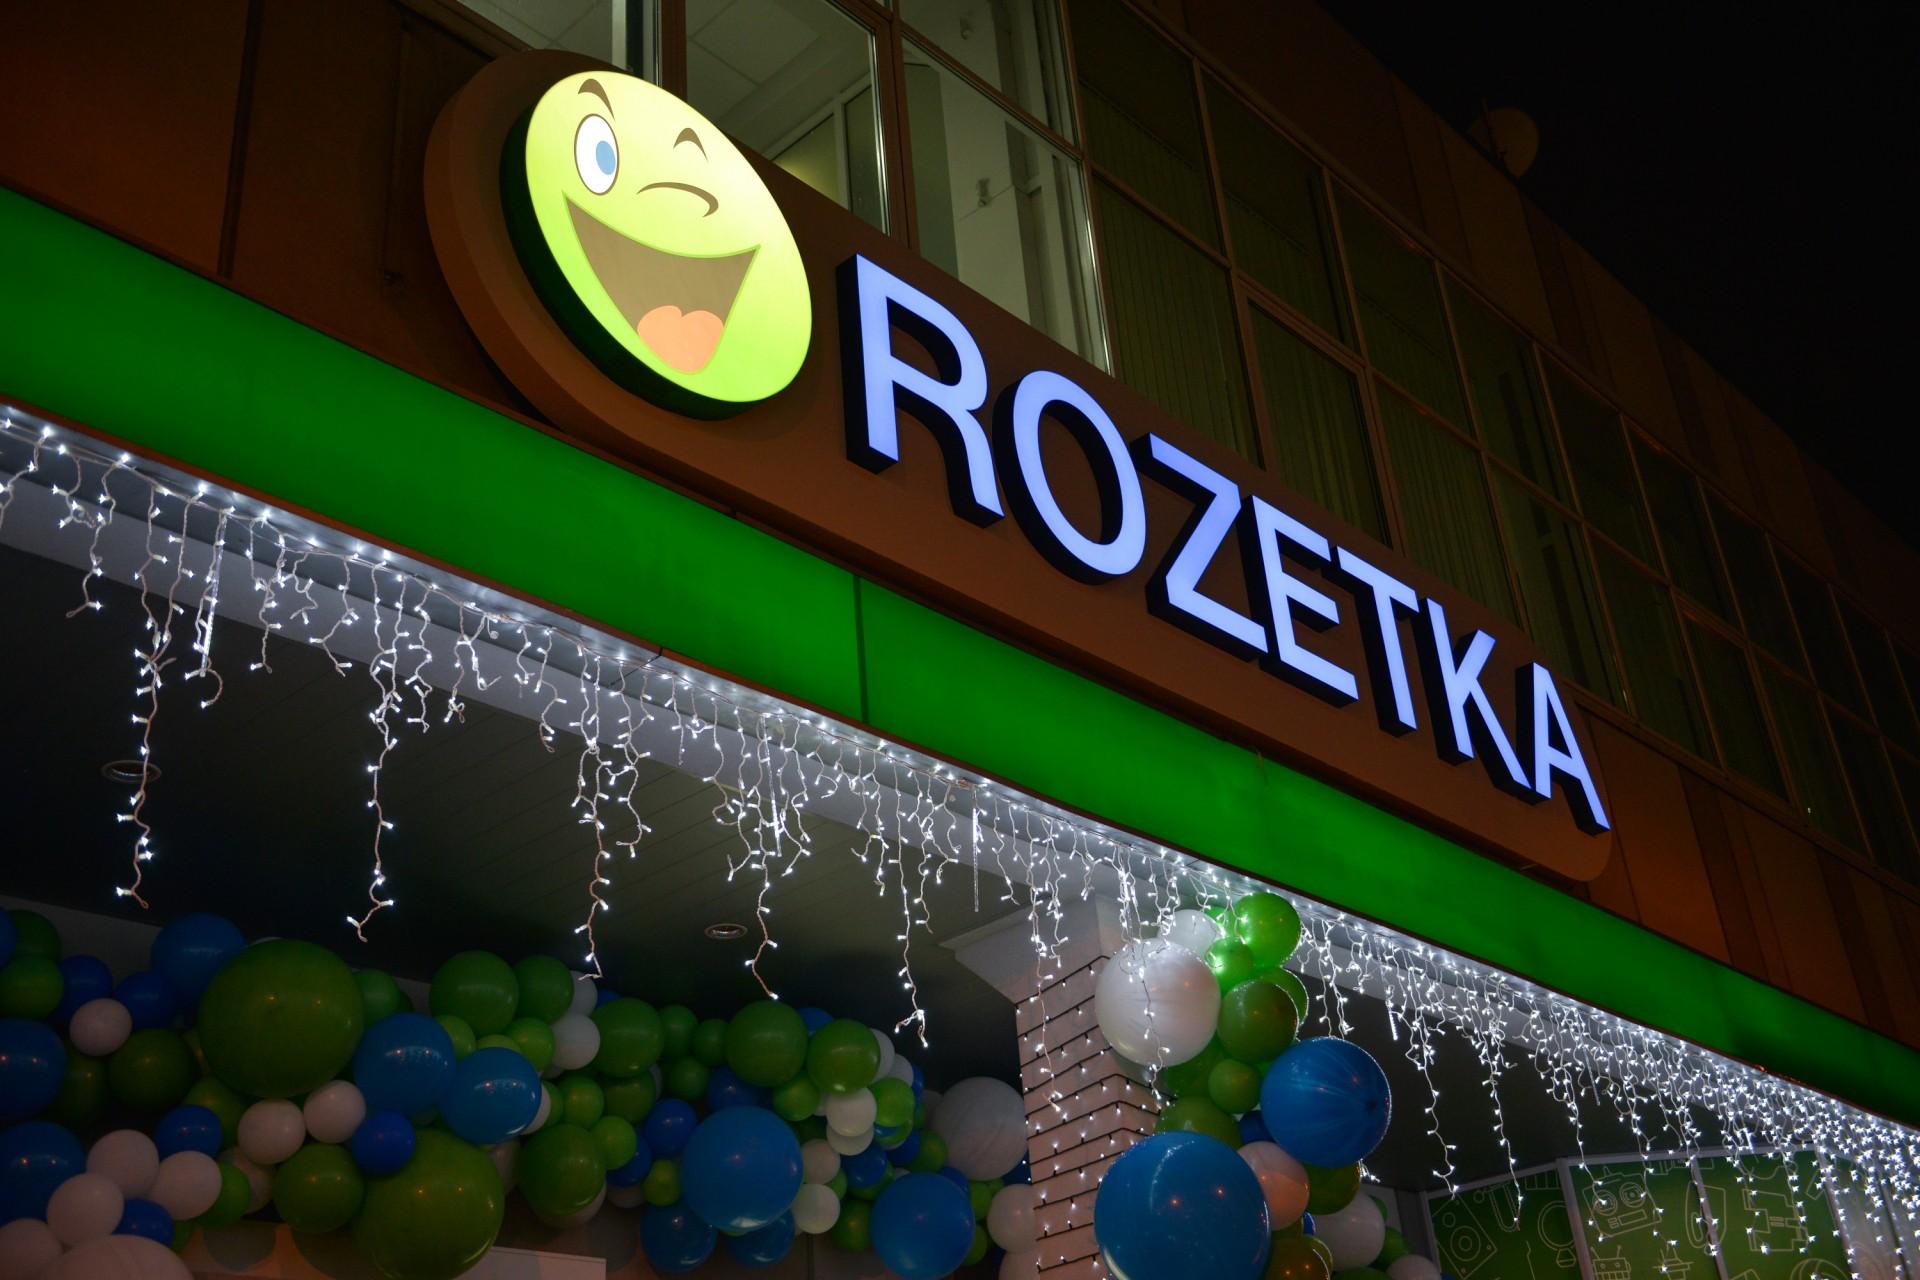 1e0502b084f2 Розетка у моря  крупнейший интернет-магазин страны открывает офлайн-точку в  Одессе   Ассоциация Ритейлеров Украины